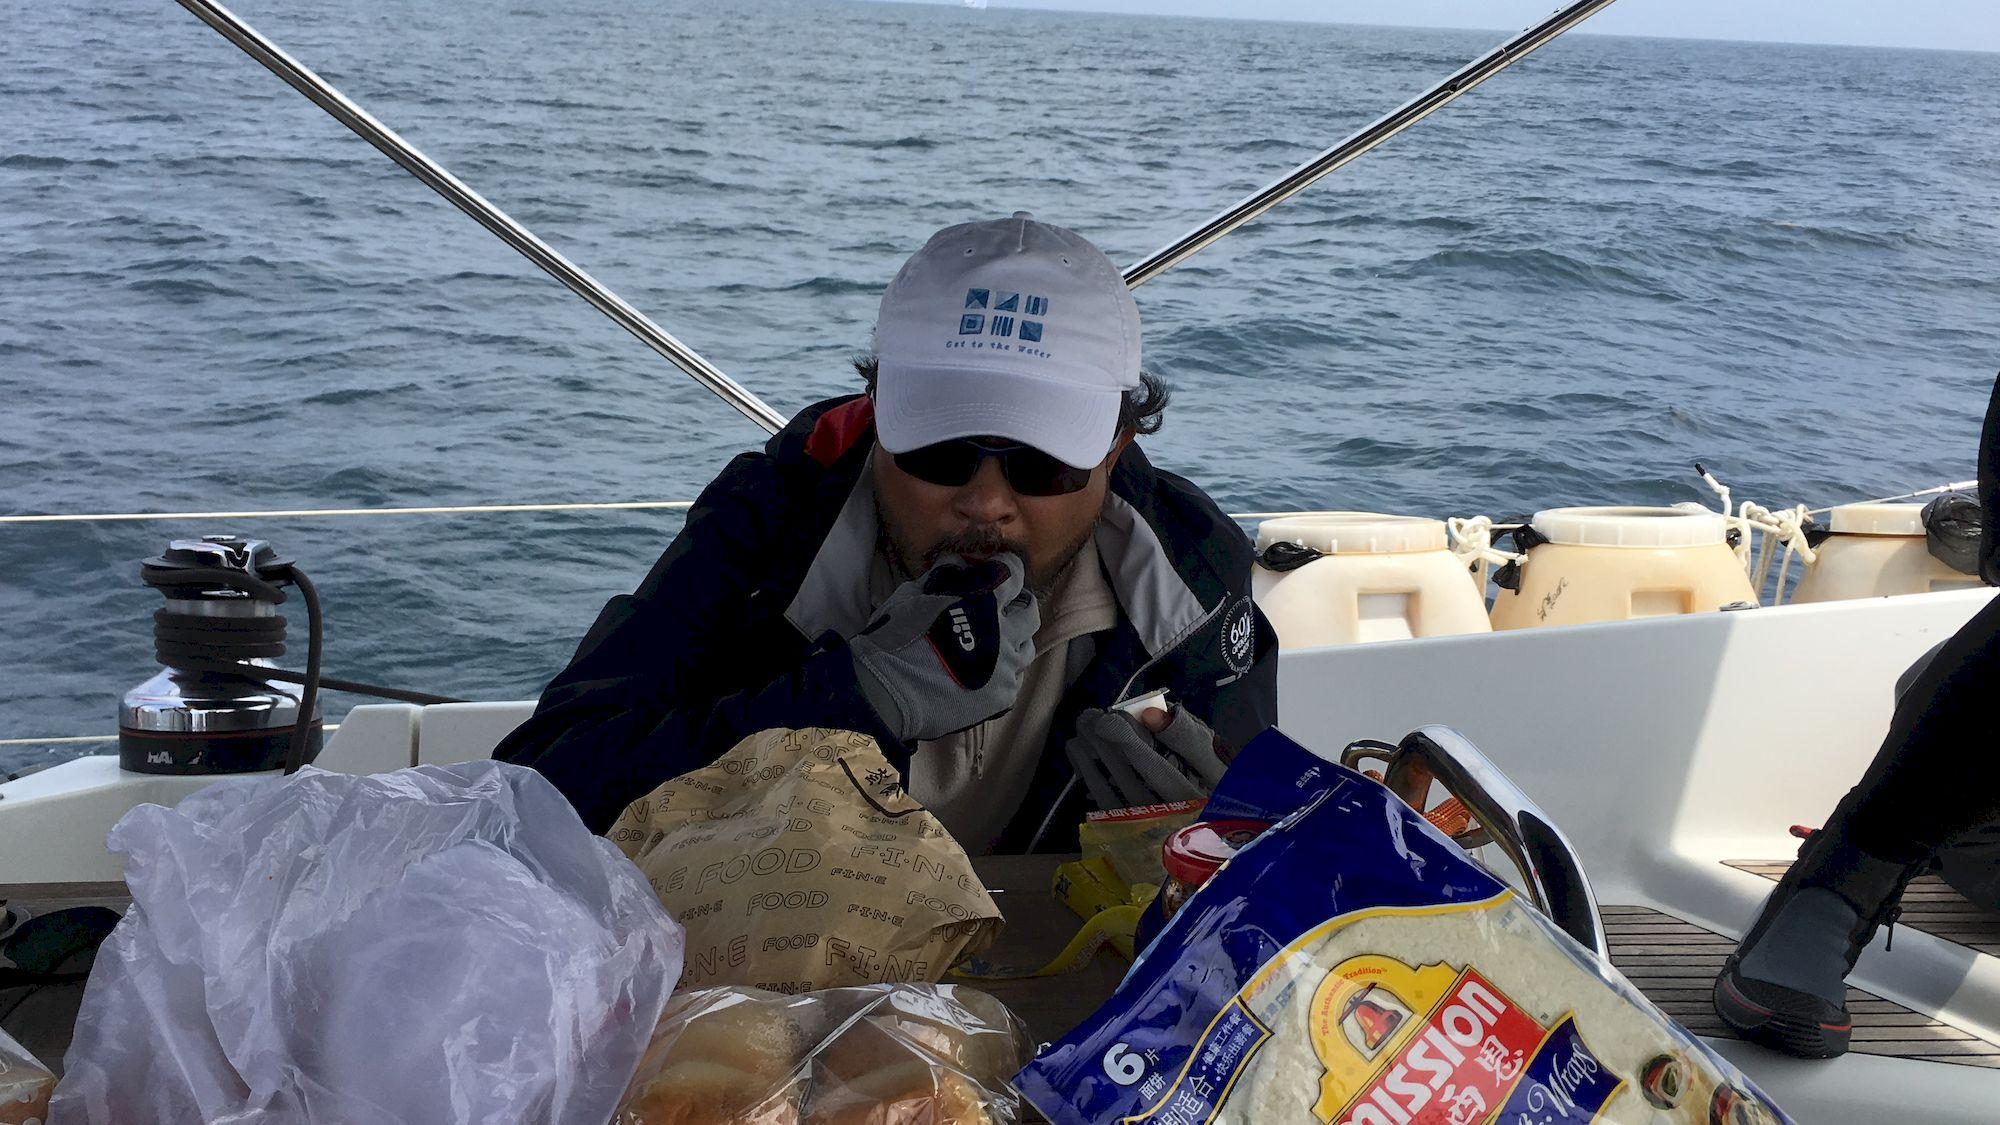 012c-IMG_3037_千帆俱乐部我要航海网帆船队-2016威海-仁川国际帆船赛.JPG